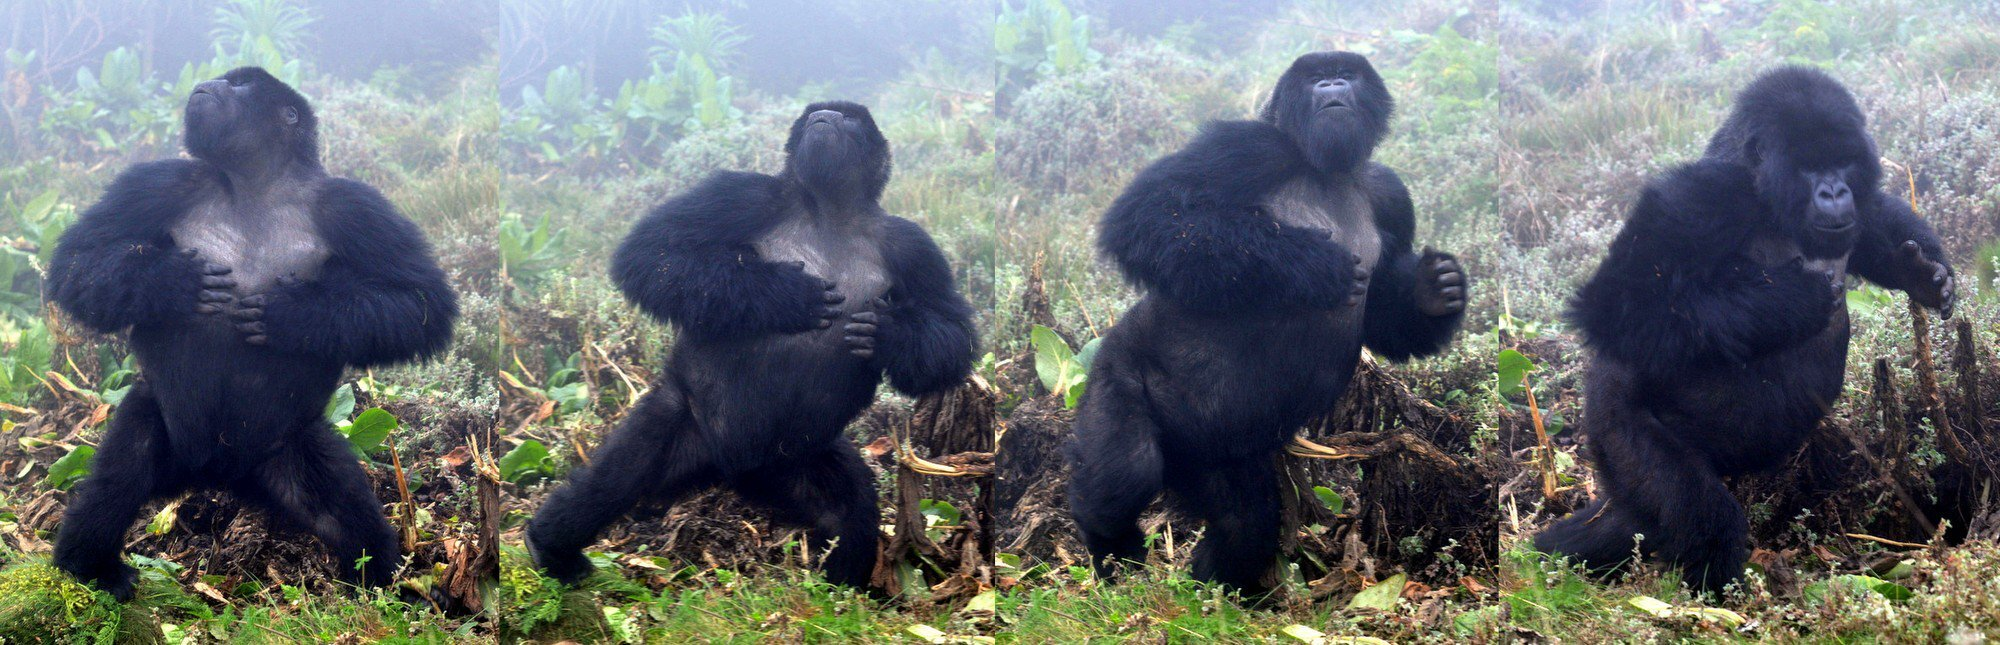 Sau 500 lần quan sát khỉ đột đập ngực, các nhà khoa học tìm ra câu trả lời tại sao chúng lại thường xuyên làm vậy - Ảnh 1.